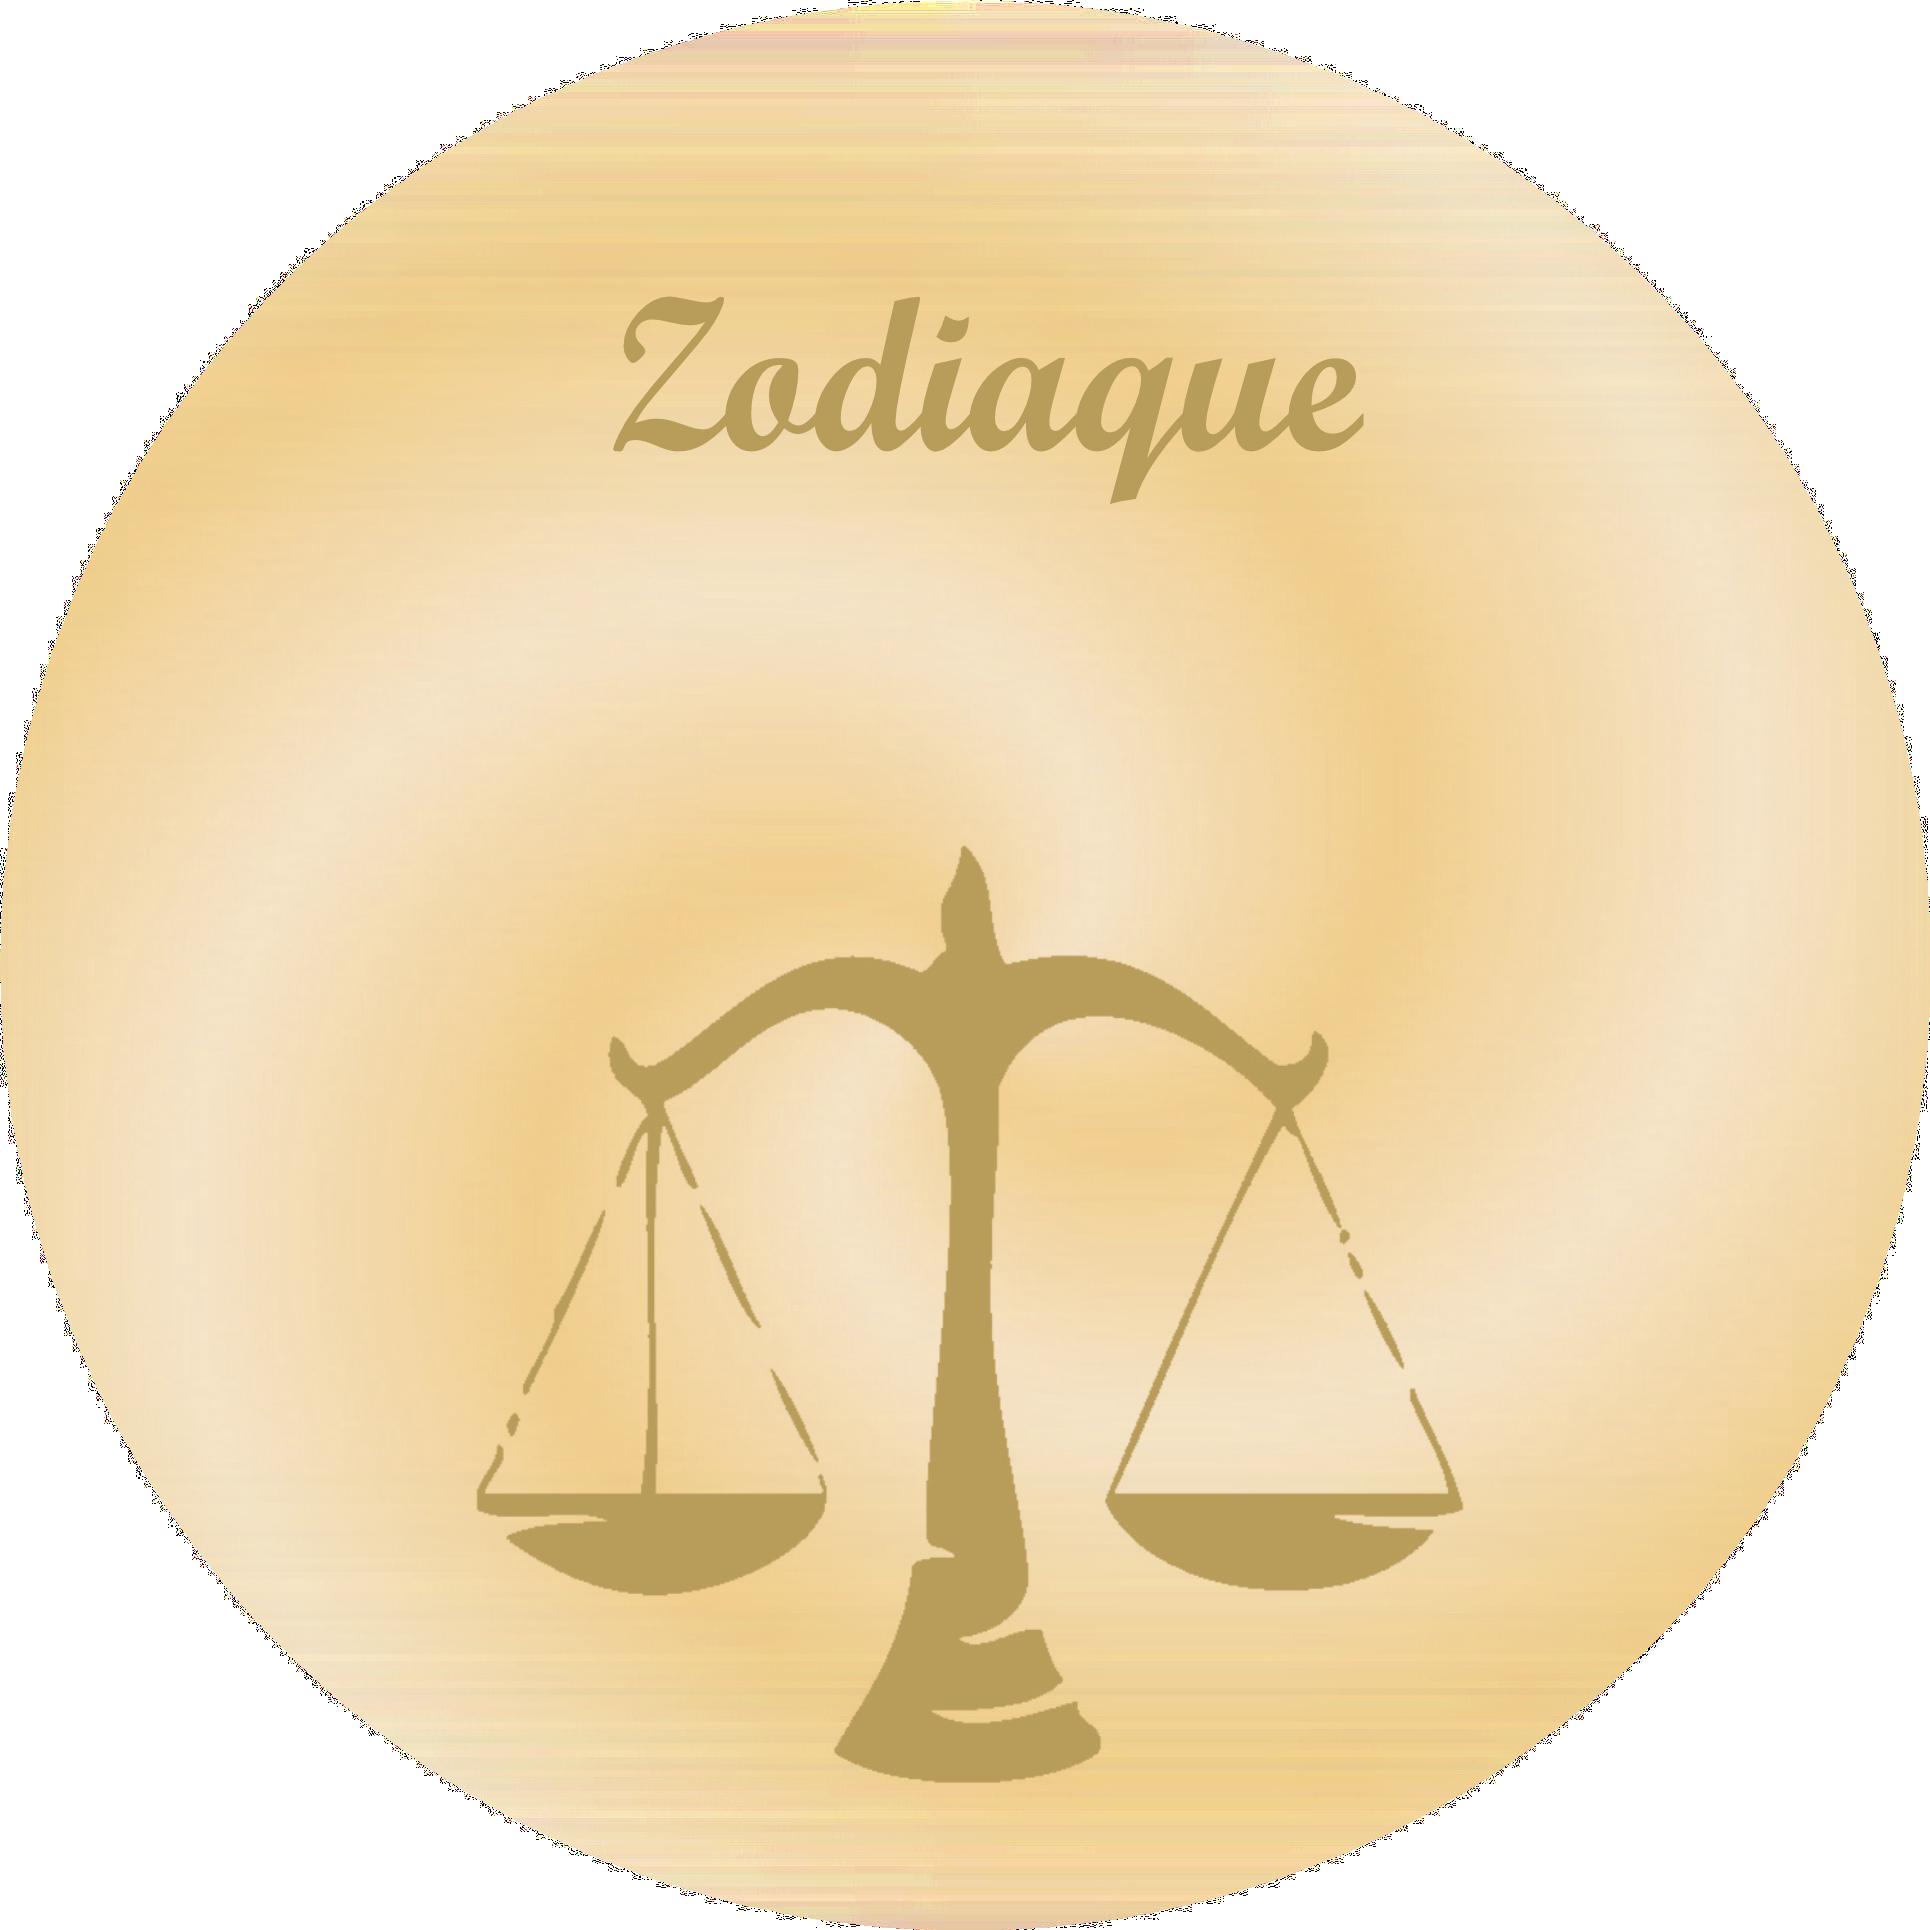 Zodiaque - Plaques funéraires gravées or